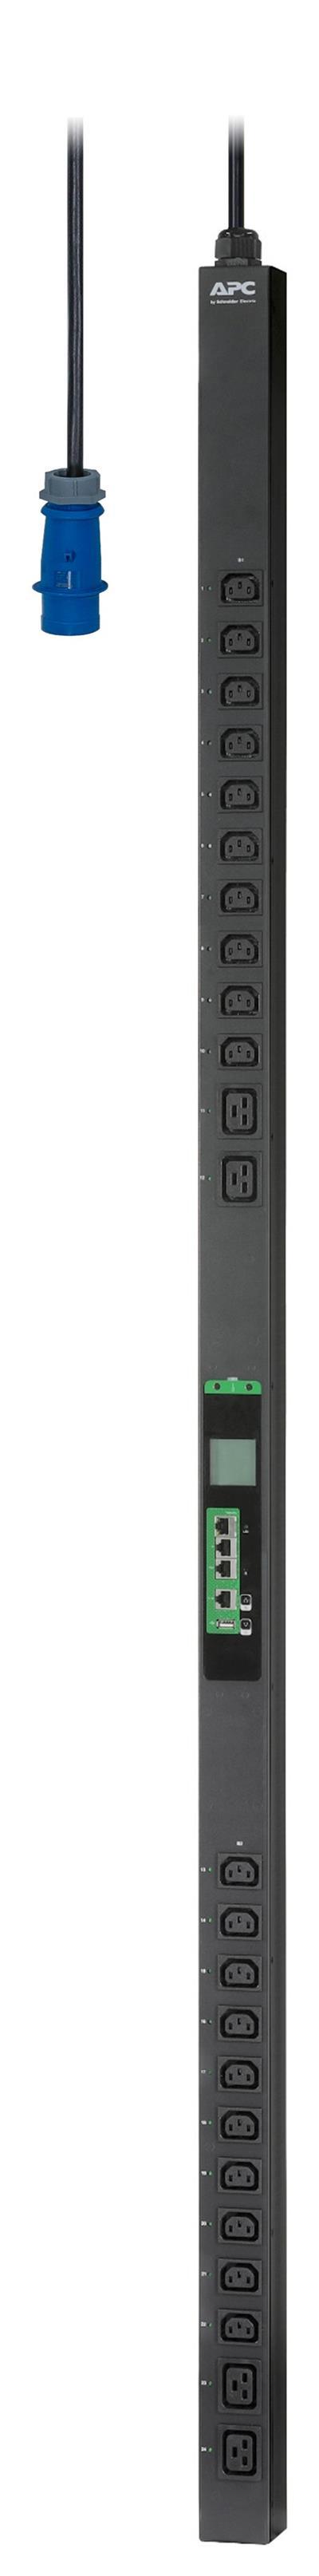 Unidad de distribución de energía APC Easy PDU ...